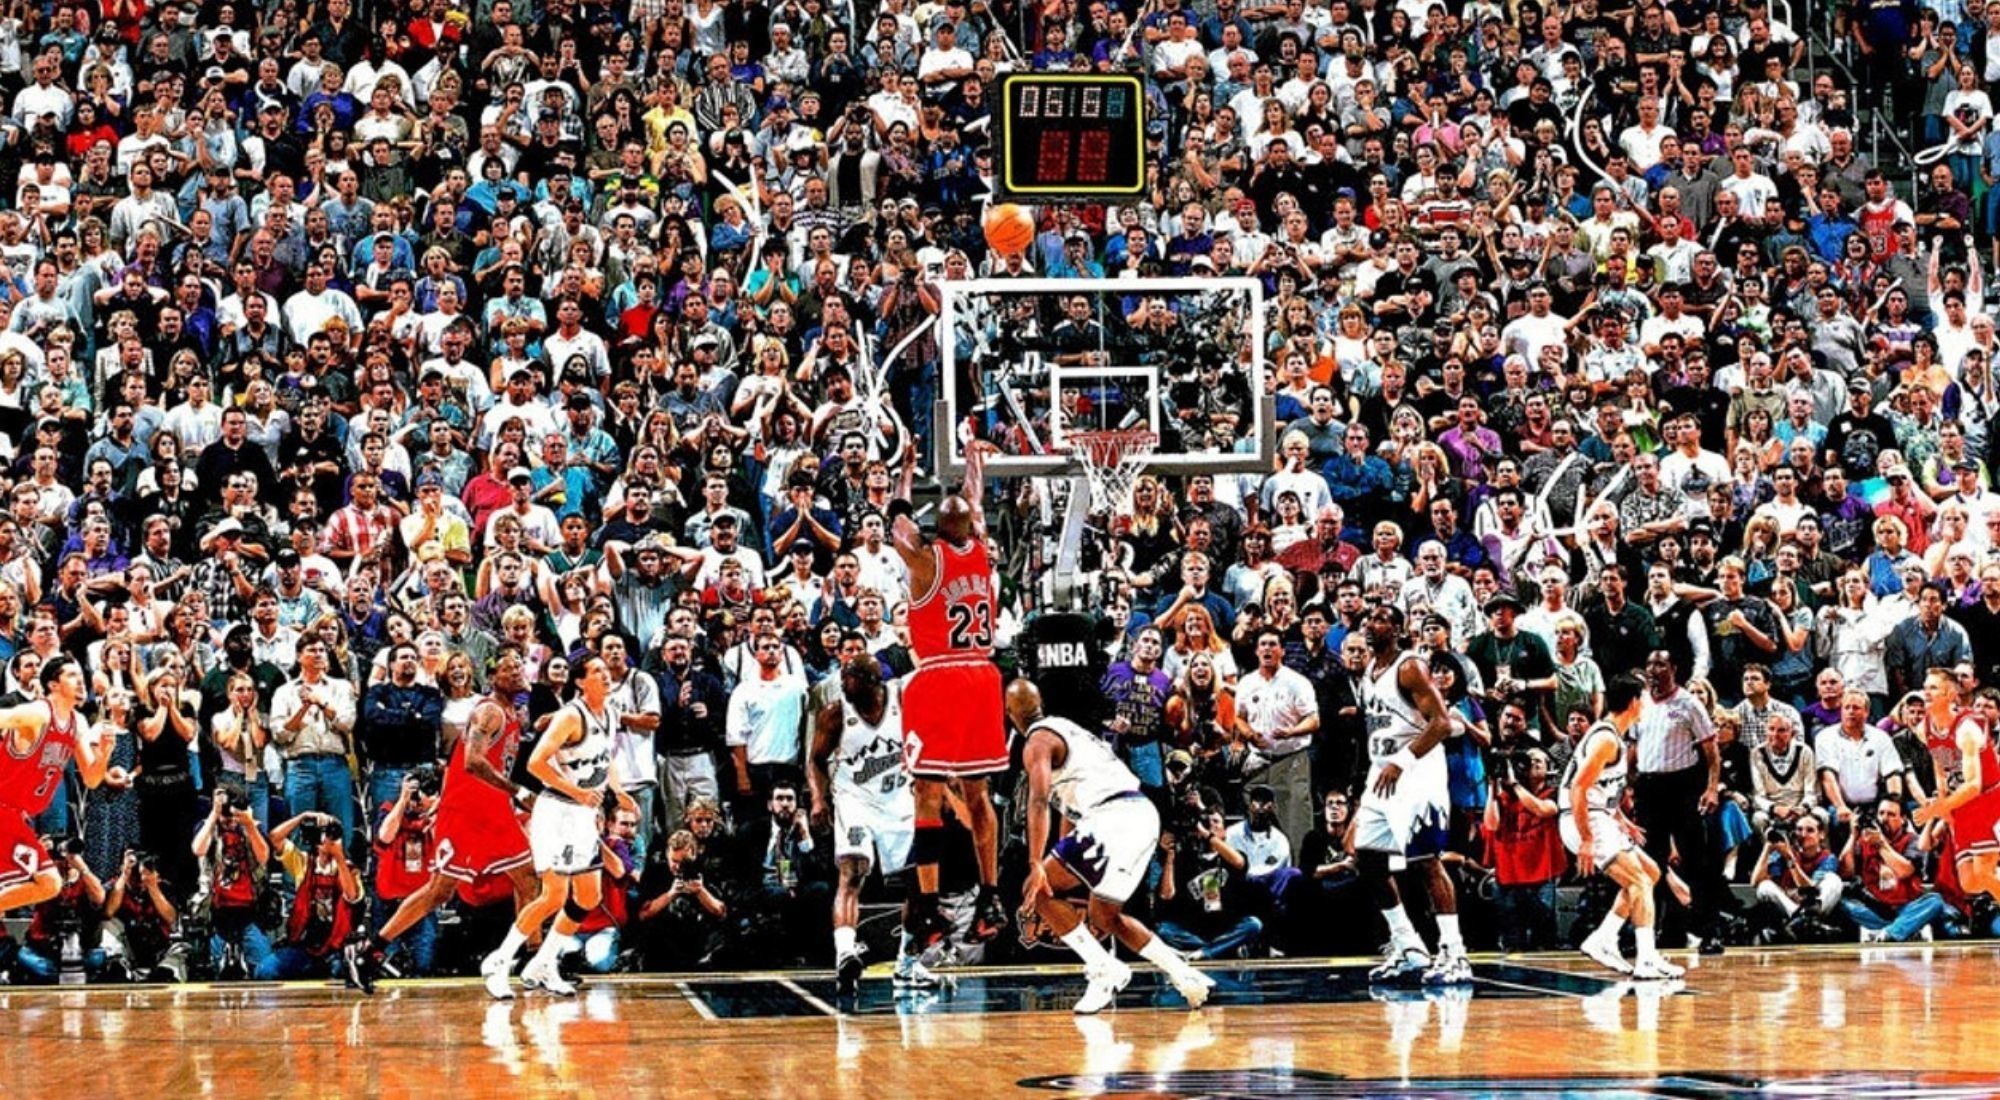 'The Shot' cumple 30 años: el tiro que consagró a Michael Jordan